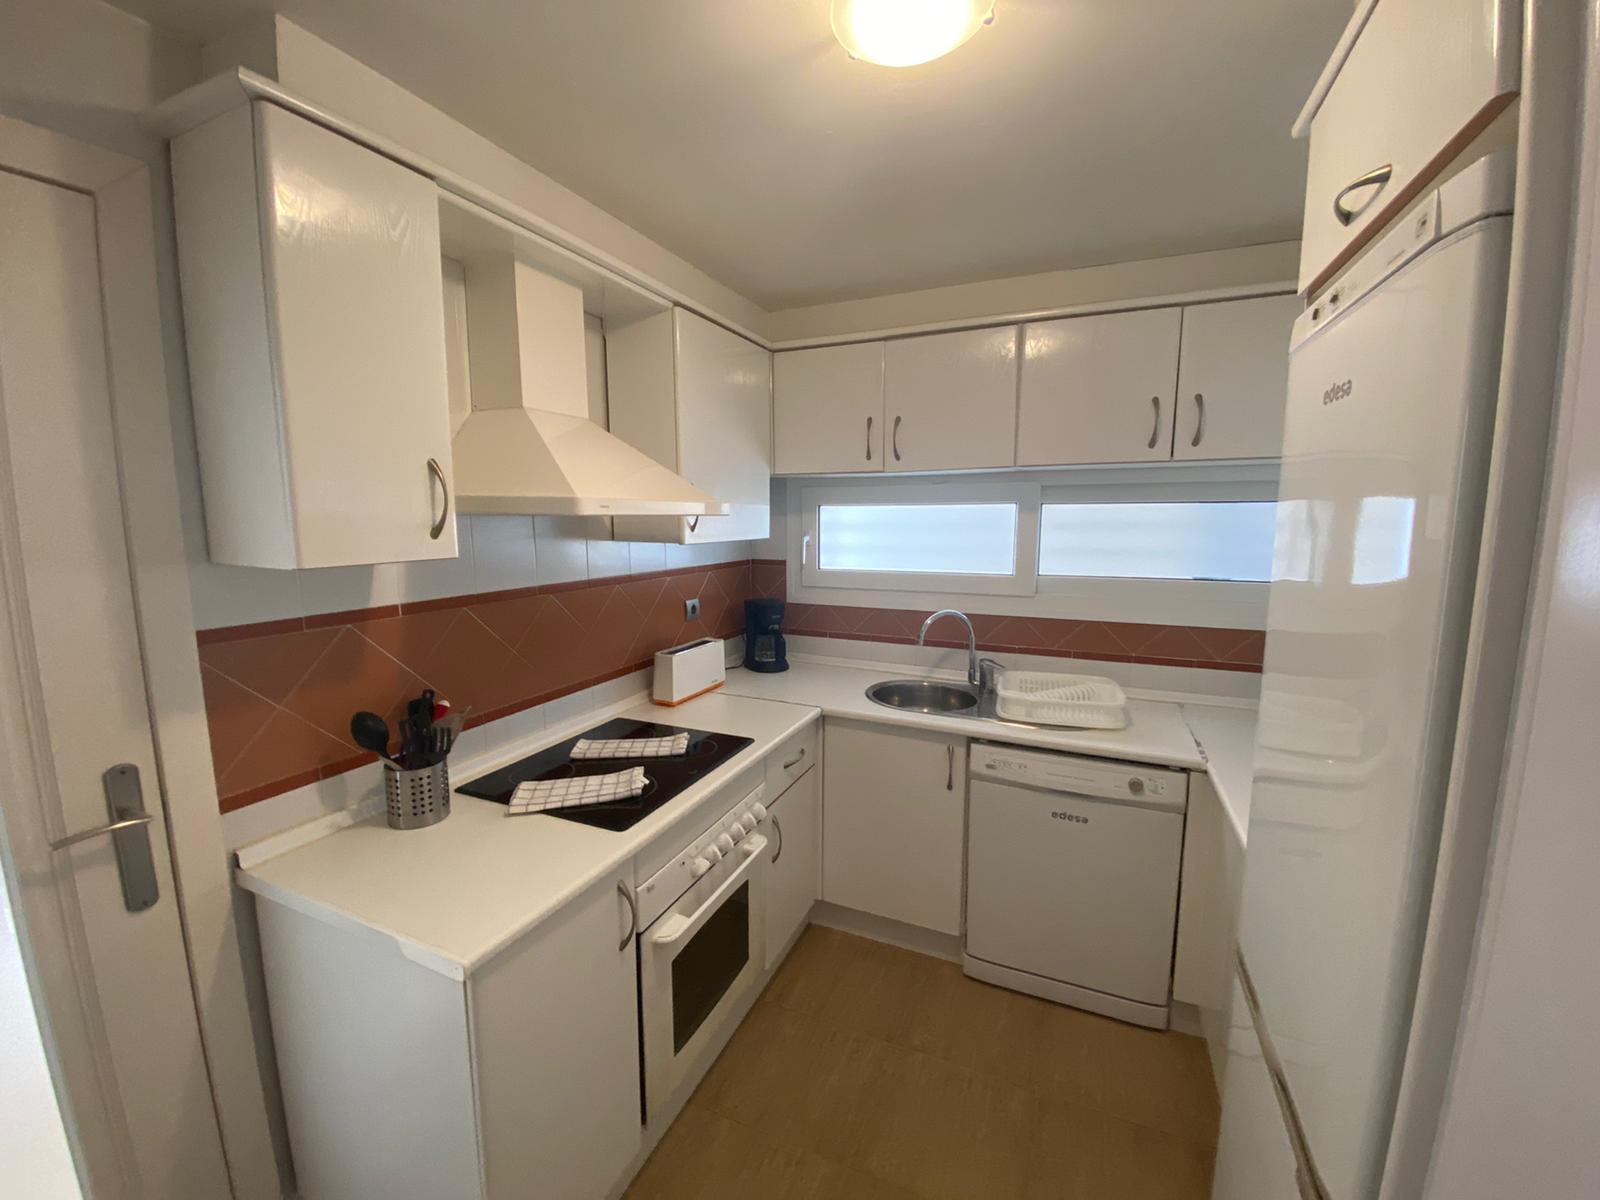 Imagen 16 del Apartamento Turístico, Ático 7 Levante (3d +2b), Punta del Moral (HUELVA), Paseo de la Cruz nº22